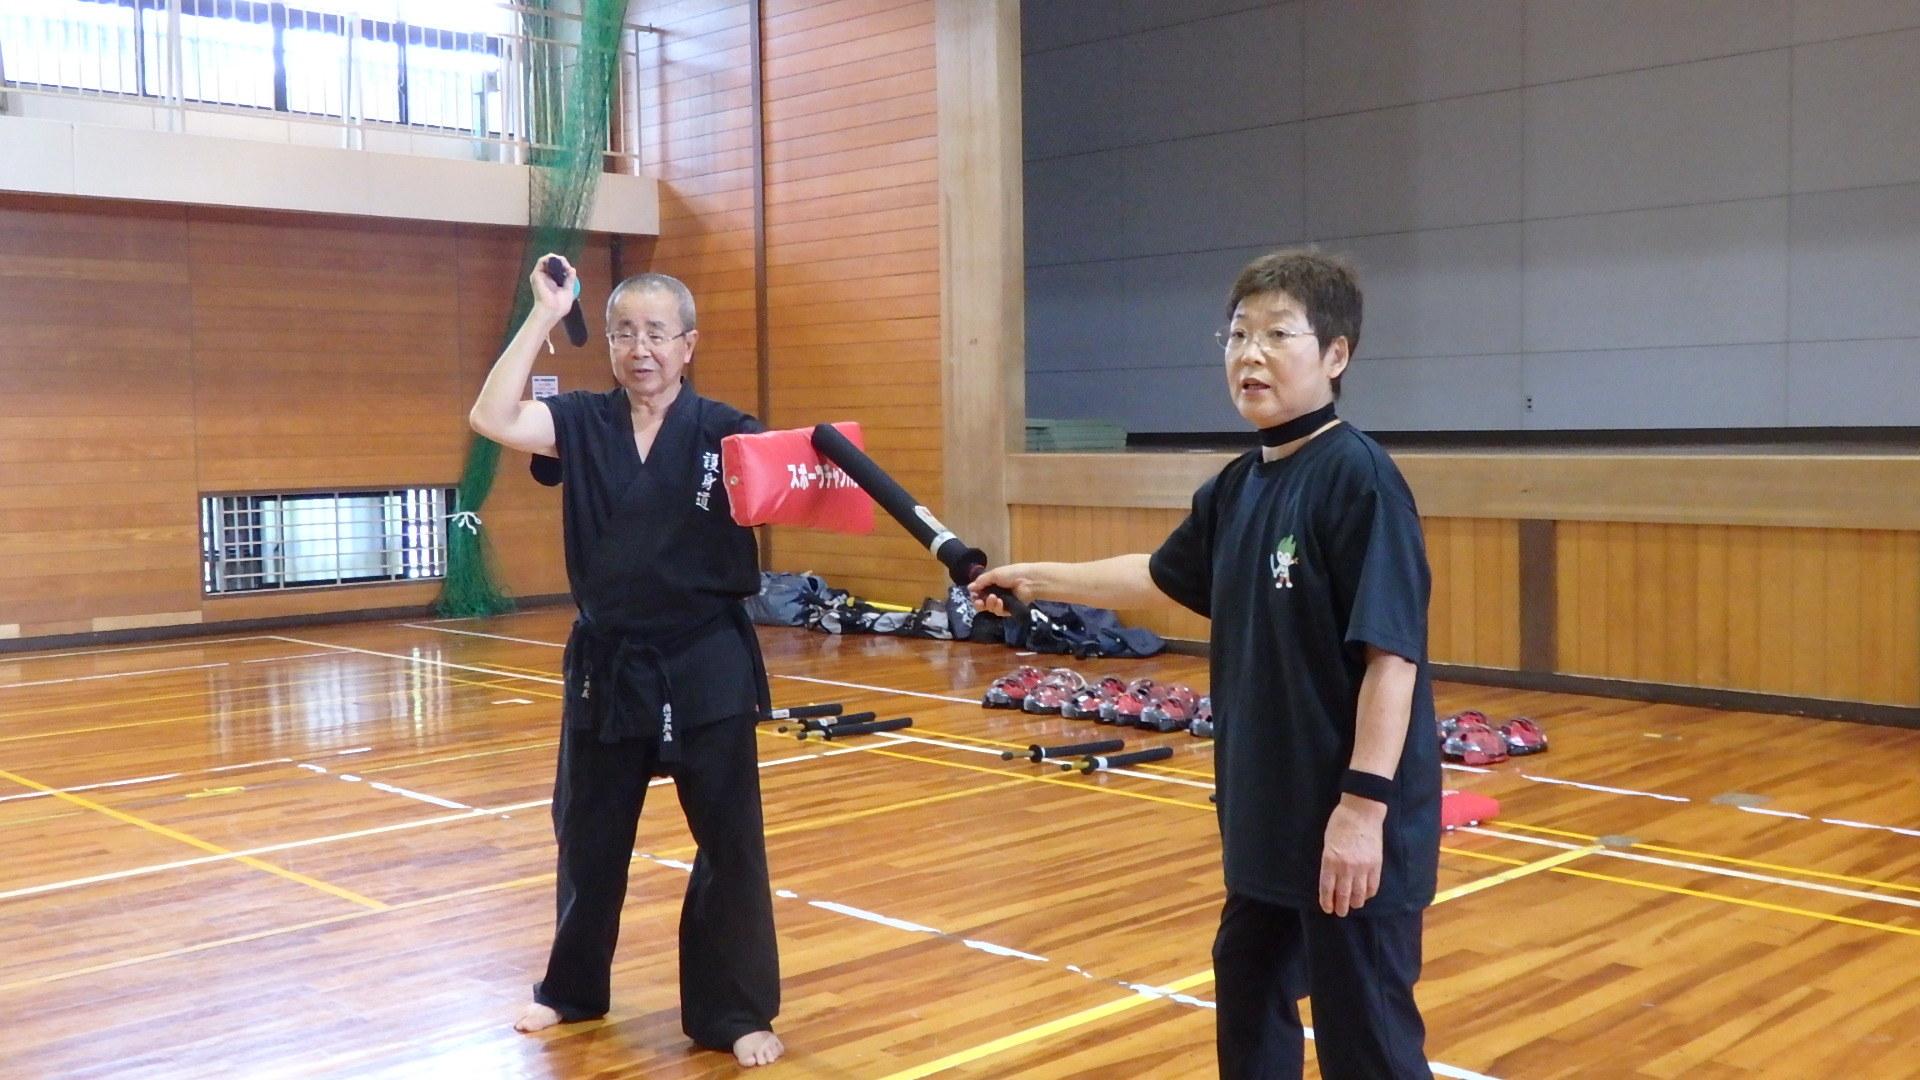 勇ましい剣士誕生!「スポーツチャンバラ + お楽しみ会」_b0239402_16571404.jpg